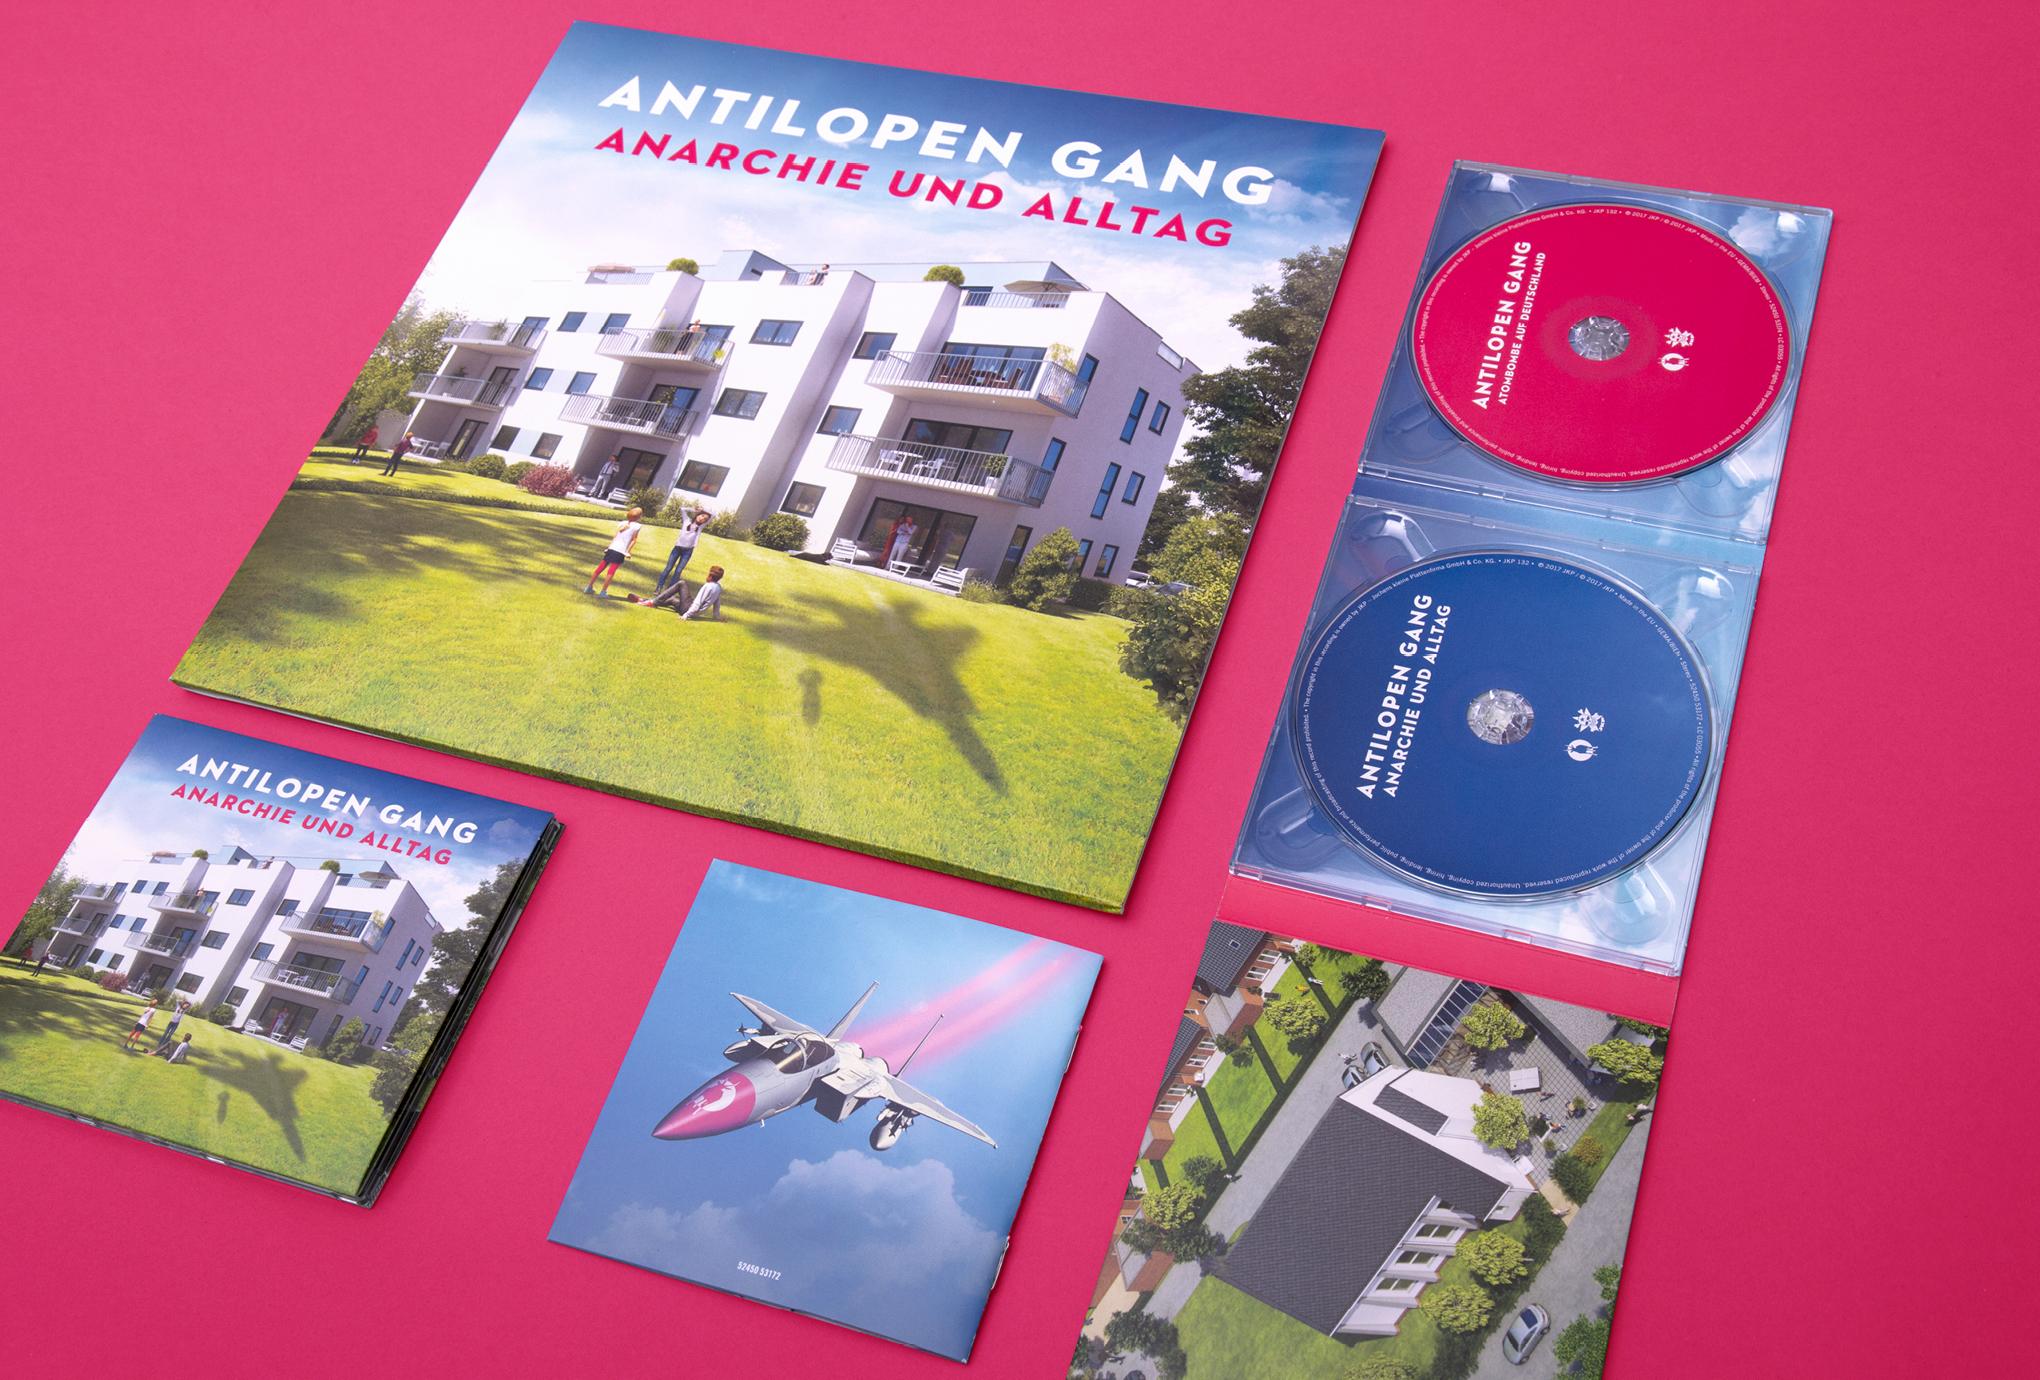 Artwork (Booklet, Cd-Cover, Vinyl) von den sons of ipanema aus Köln, für das Album Anarchie und Alltag von der Antilopen Gang.